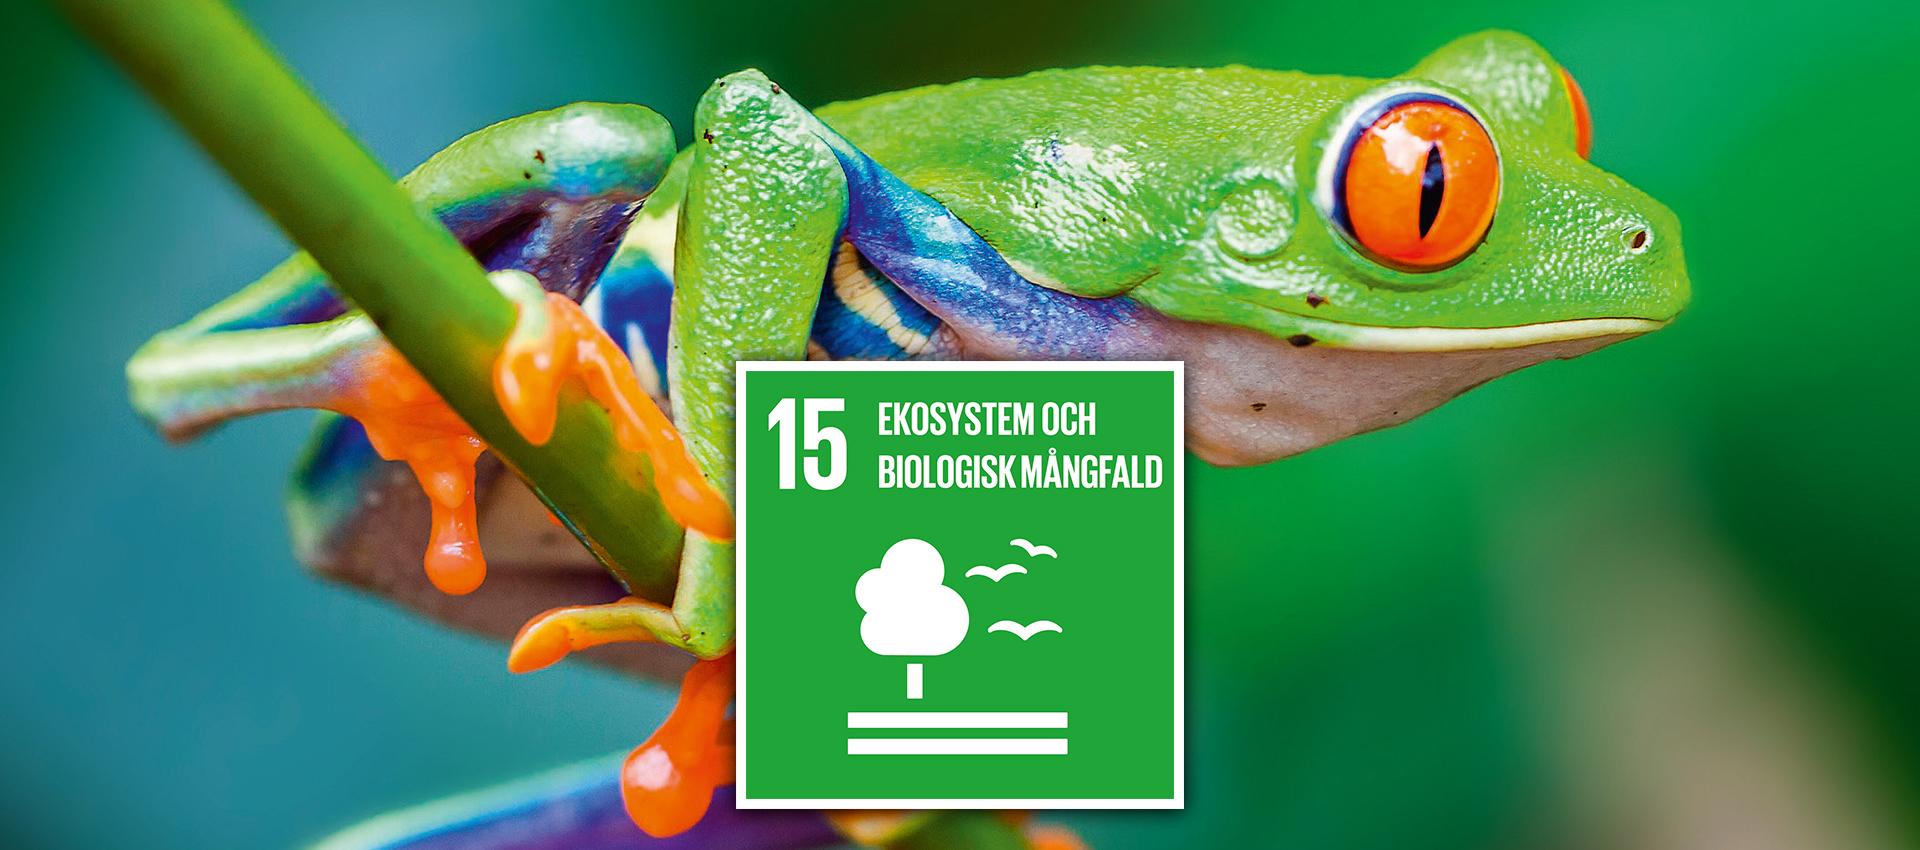 Globala målen 15 - Ekosystem och biologisk mångfald